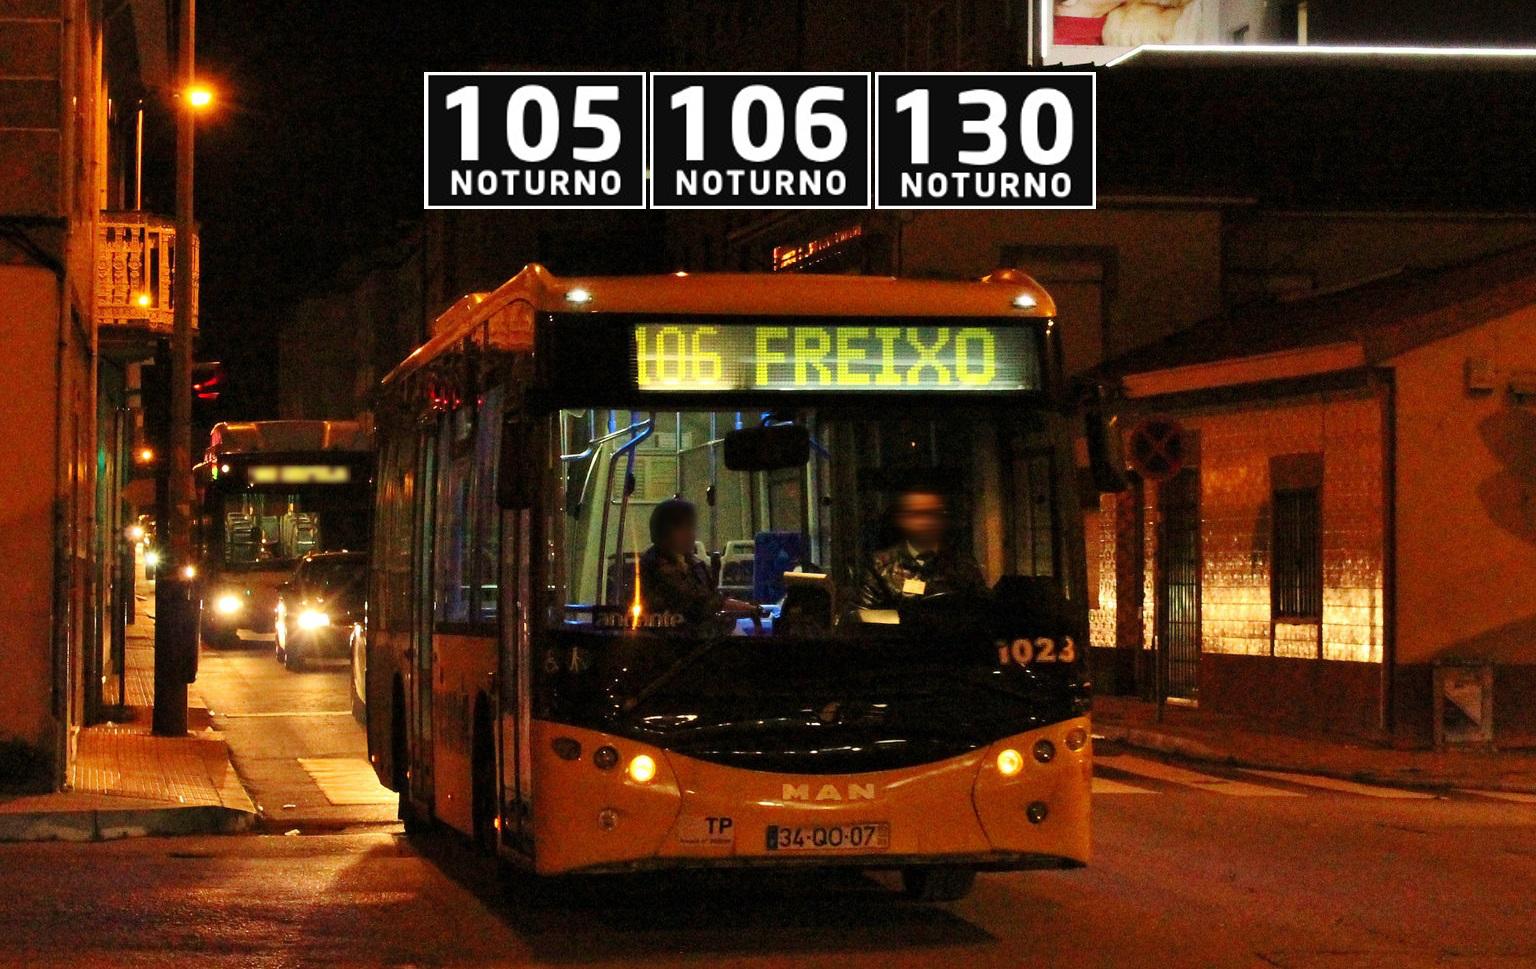 Alteração de Horários – 105N, 106N e 130N